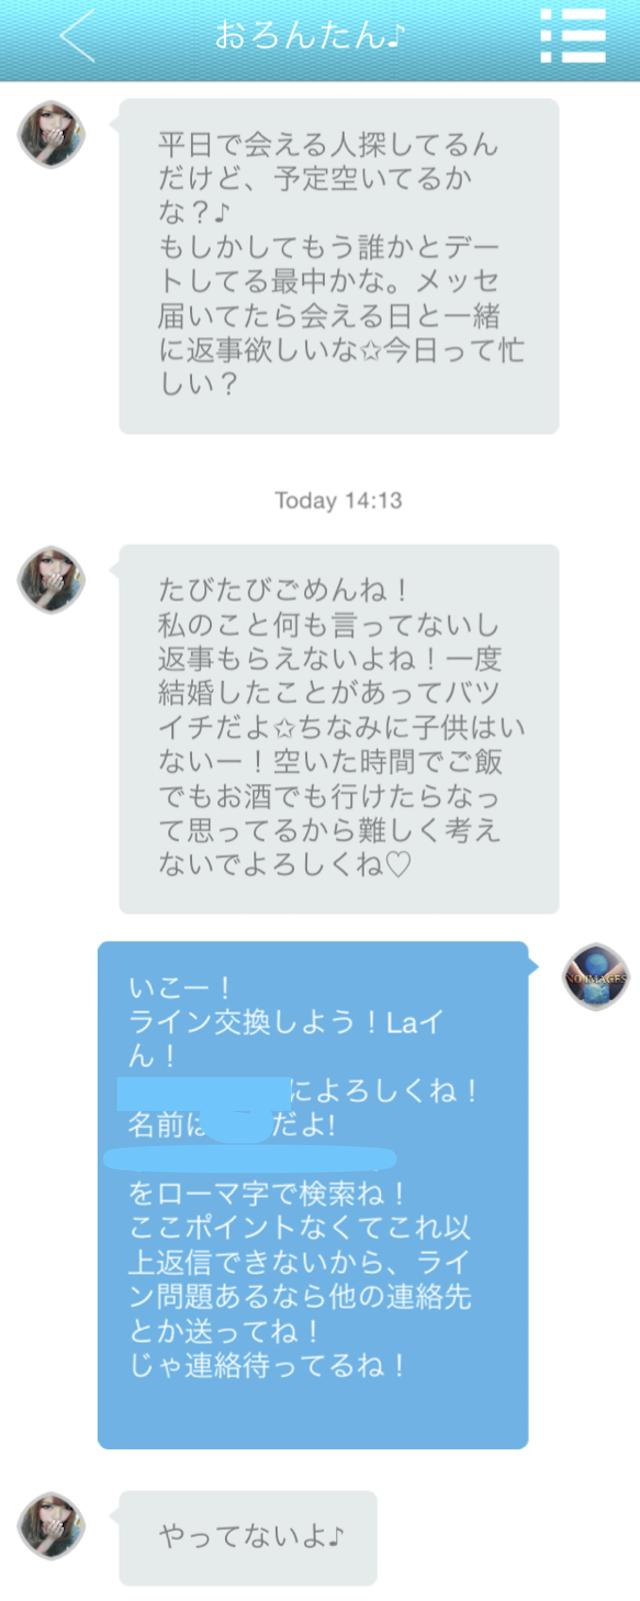 友達フレンズ_アプリ3